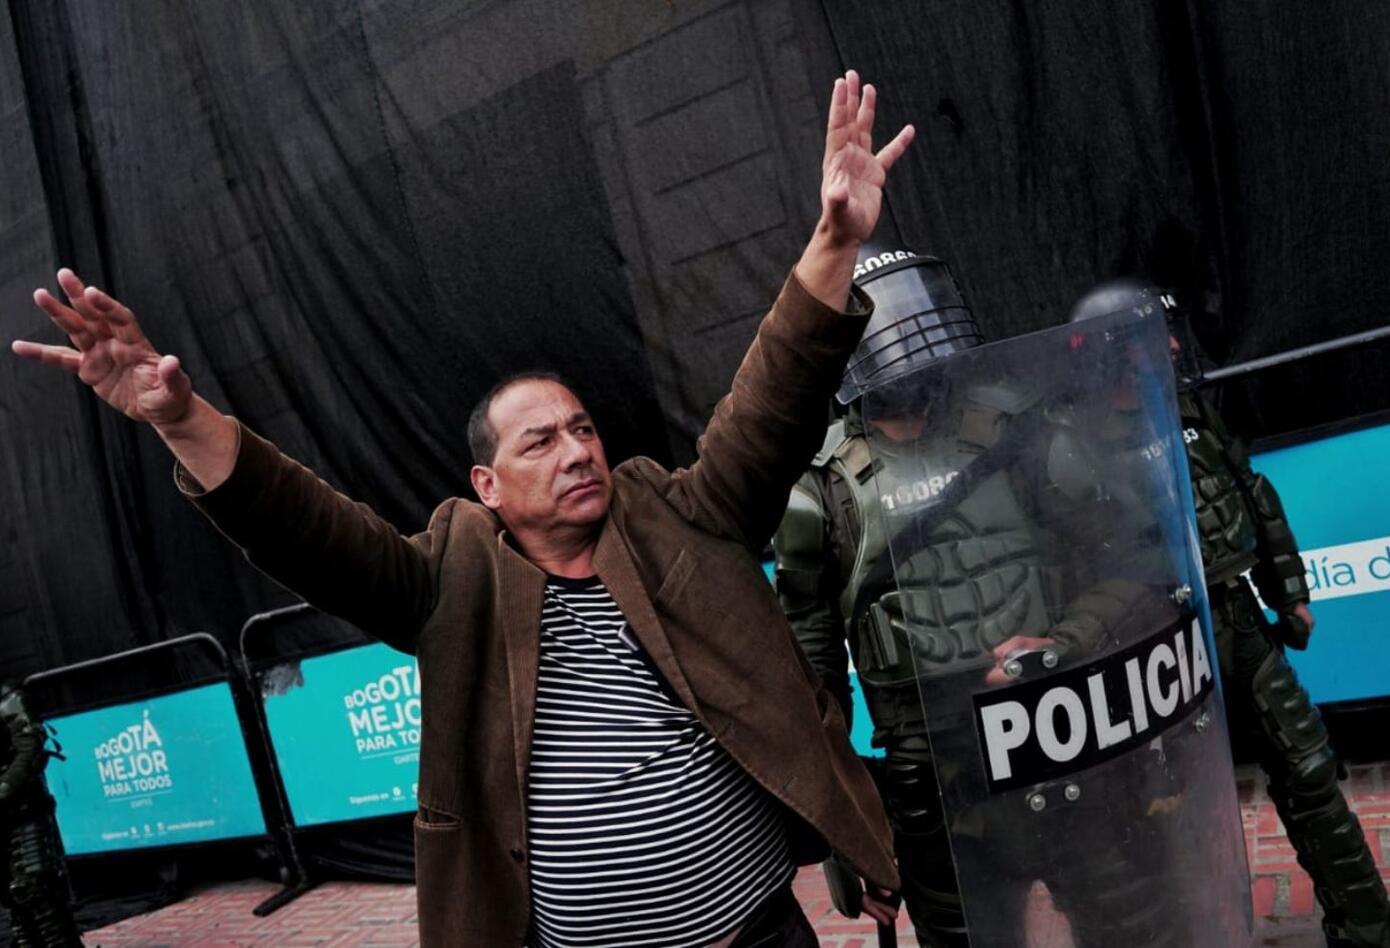 Algunas personas tratan de calmar los ánimos en la Plaza de Bolívar en medio del paro nacional.